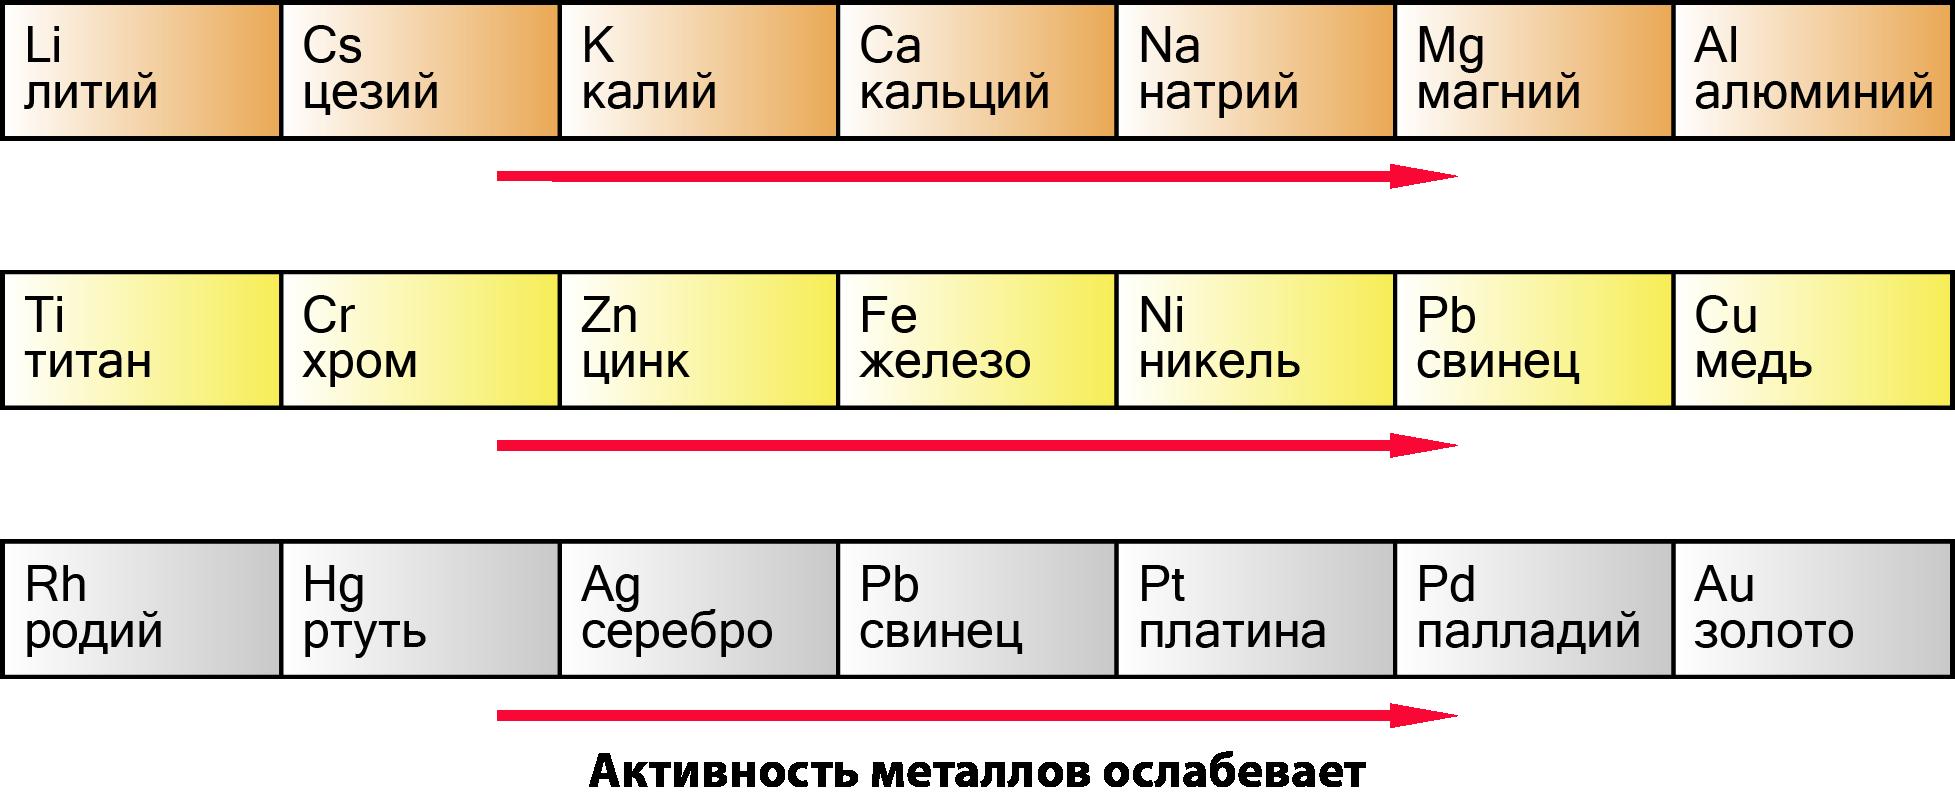 активность металлов